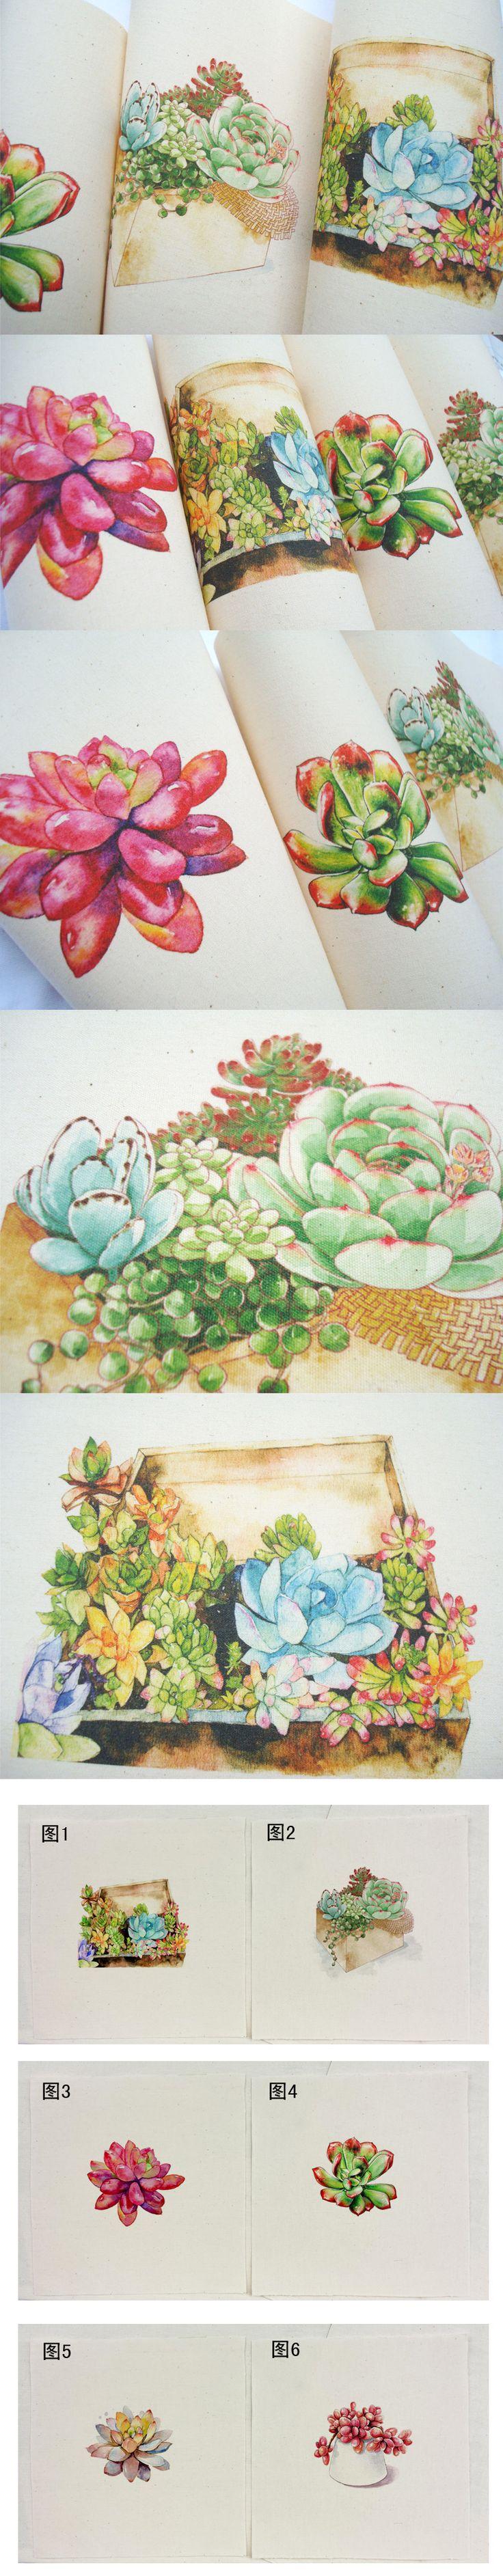 Лоскутная DIY ручной работы Холст Ткань крашения суккуленты ручной окрашенные хлопковый холст напечатаны на холсте [картофель] - Taobao